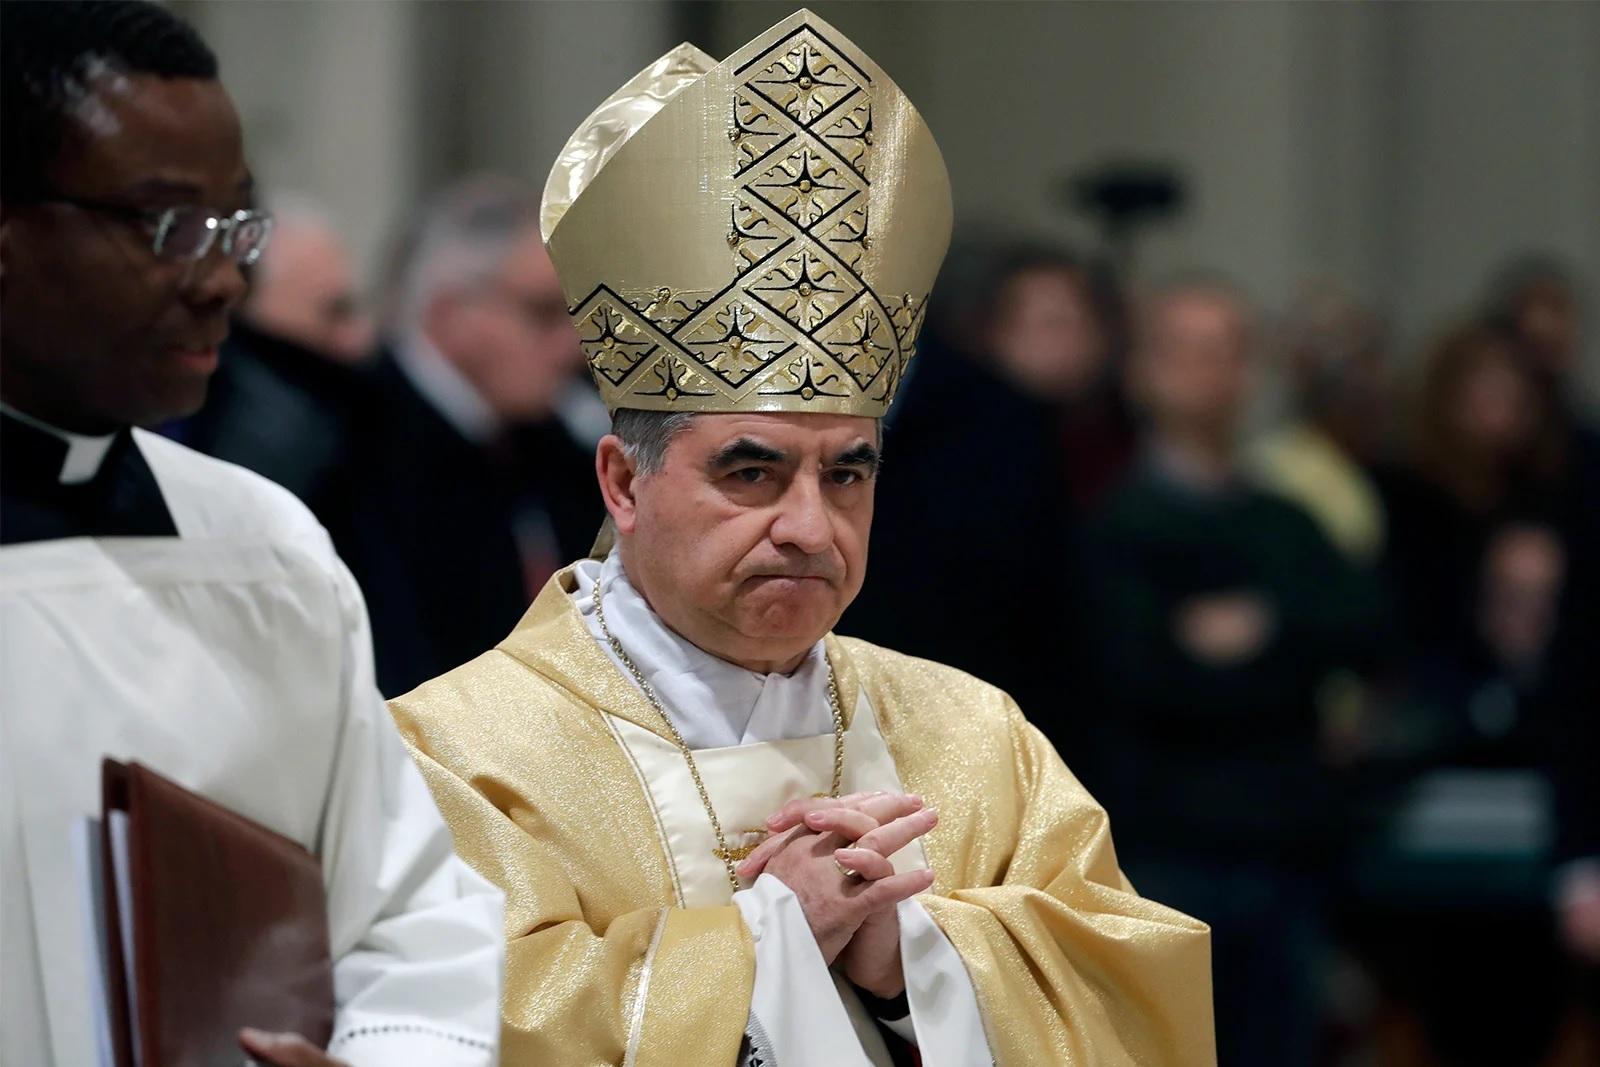 Ватикан предъявил обвинение кардиналу и еще девяти другим лицам